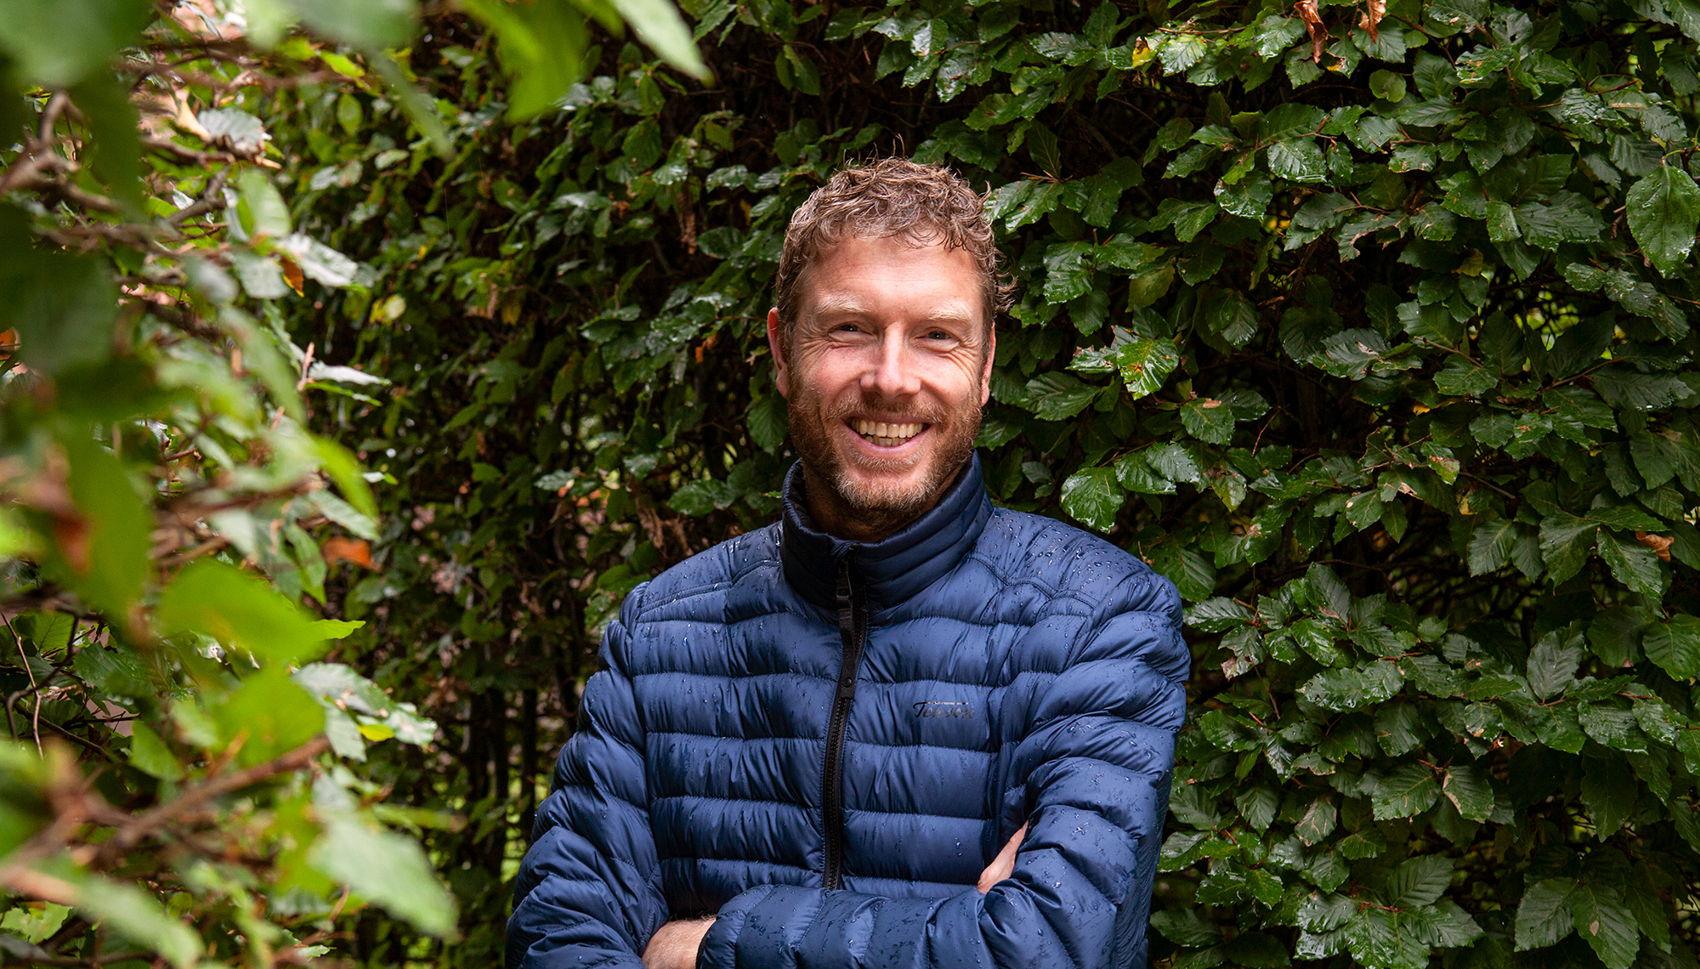 Raoel Steffens, senior adviseur omgevingsmanagement, ruimtelijke ordening en vergunningen bij Royal HaskoningDHV. Samen met zijn Taco Hoencamp onderzocht hij voor de haalbaarheidsstudie van Lean plekken in Nieuwegein en Utrecht-Zuid.